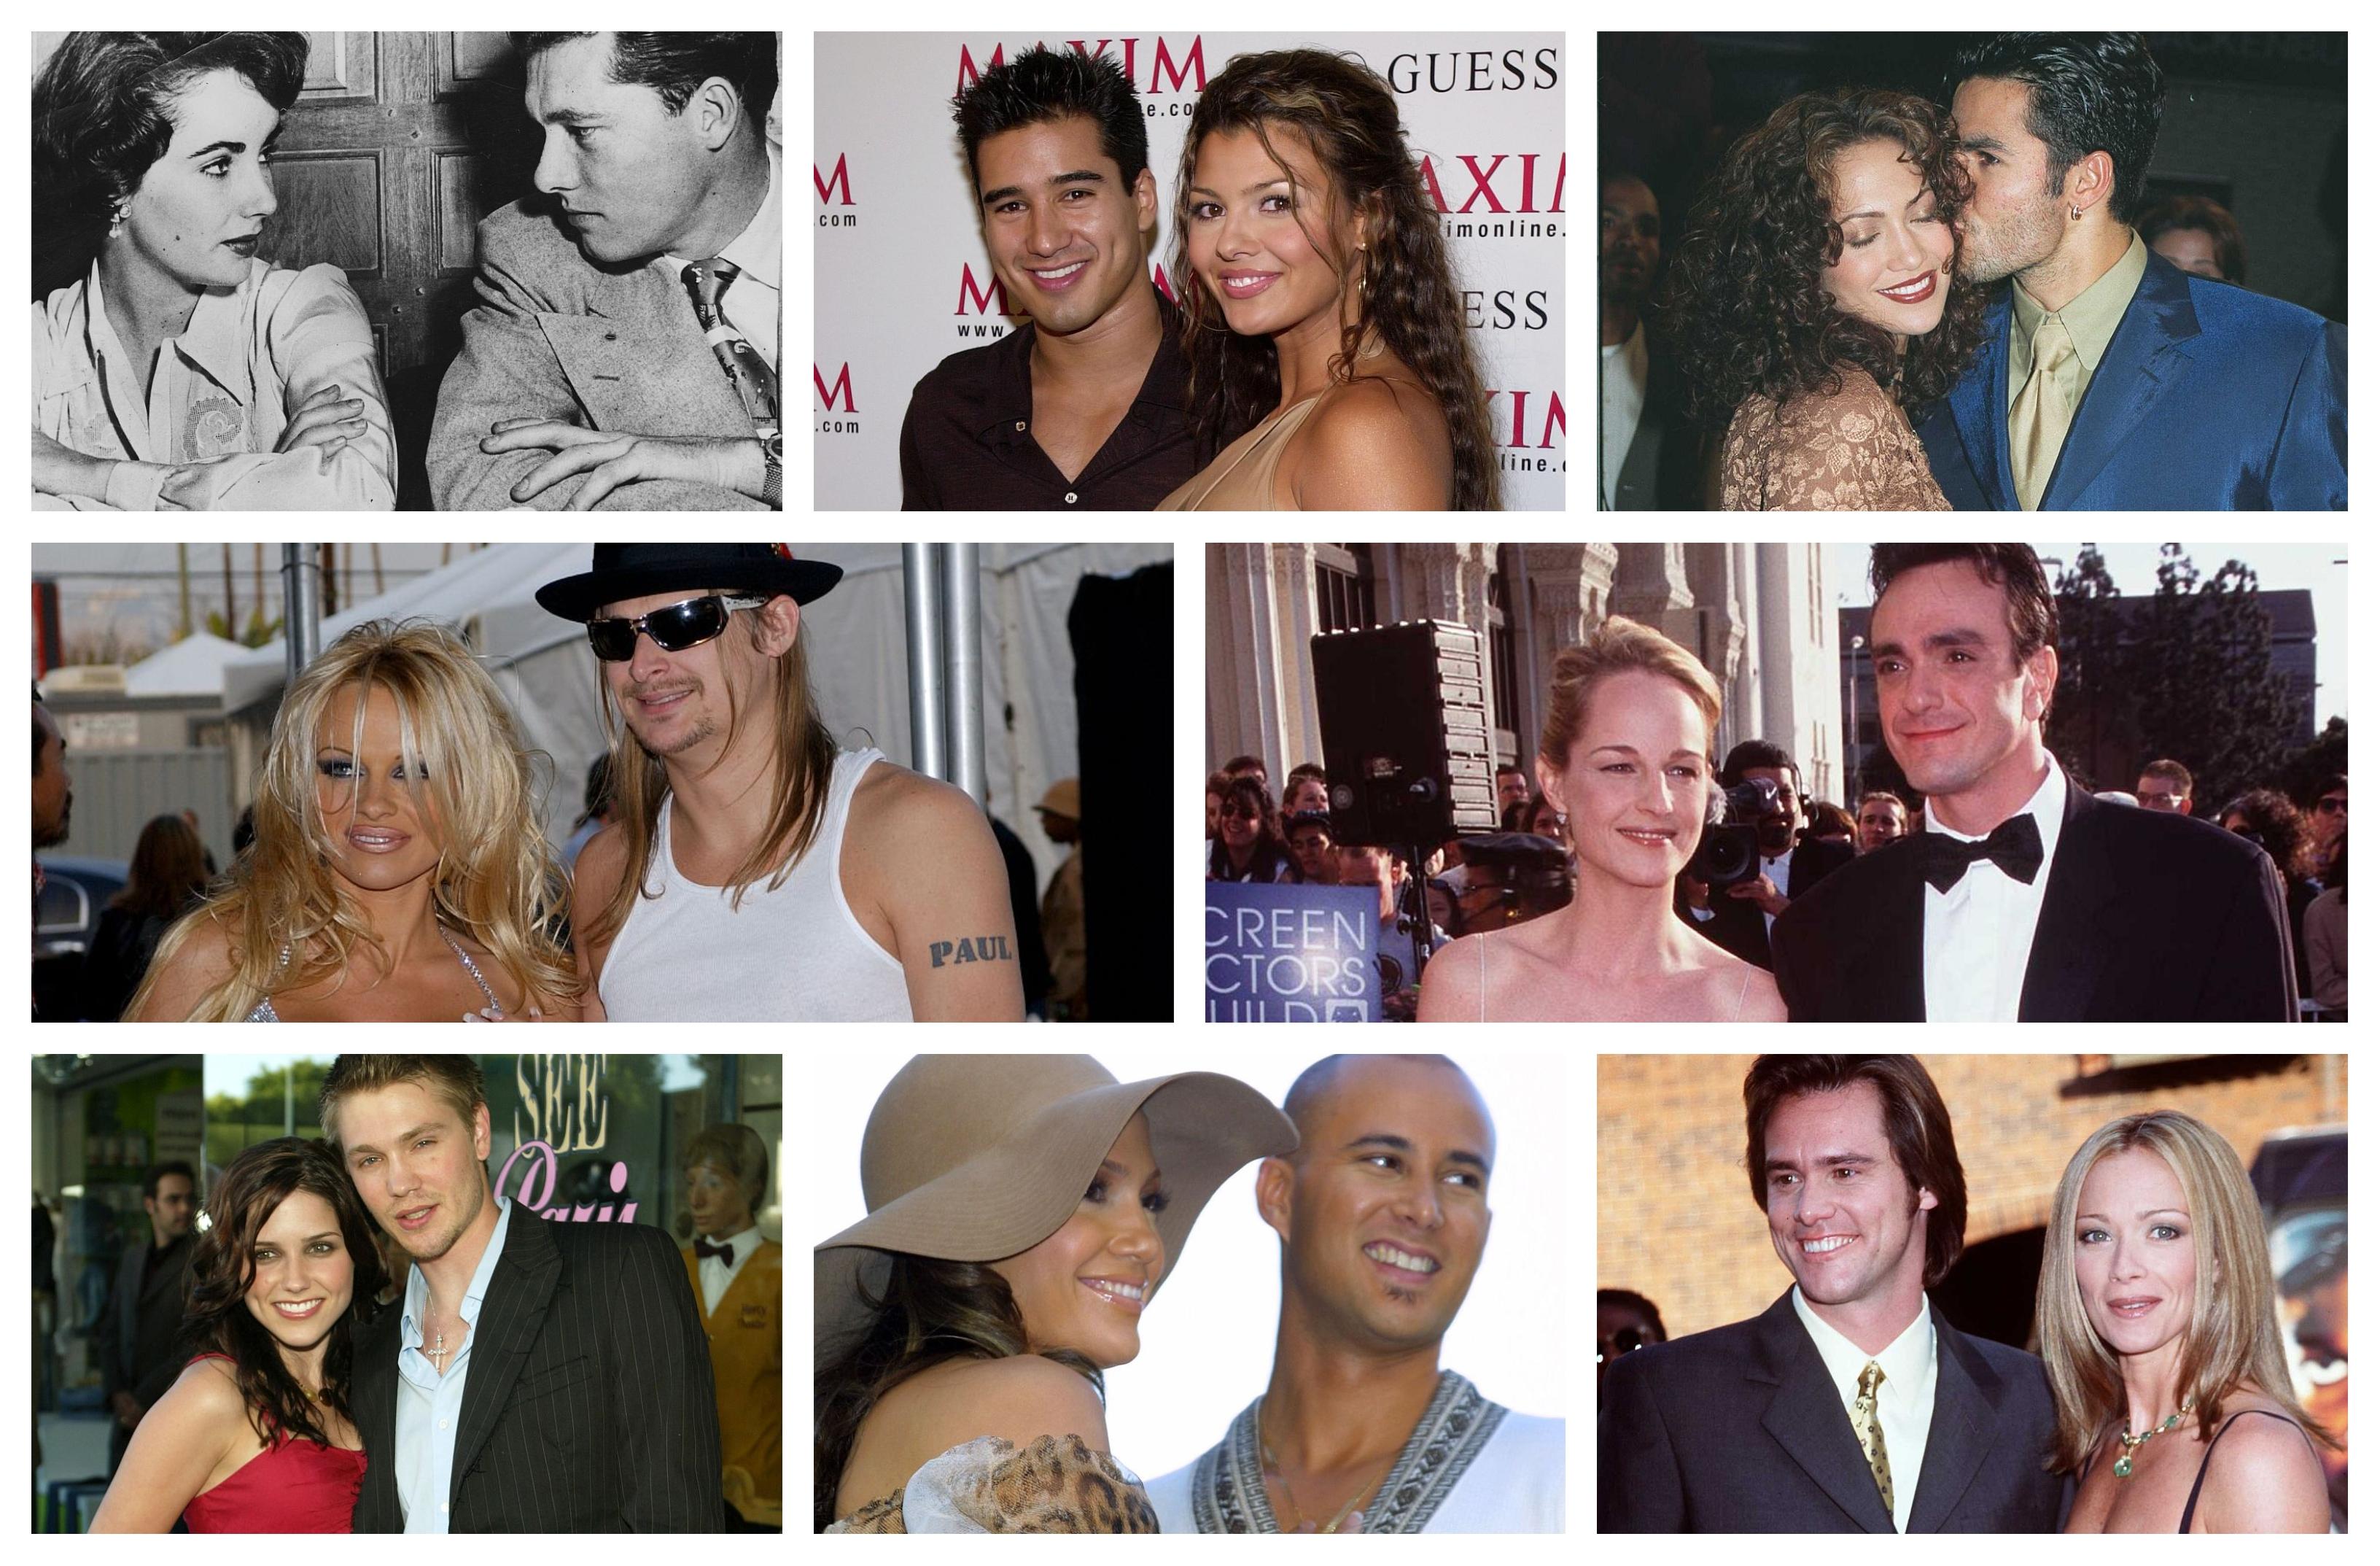 """Колко трае любовта? А бракът? Мнозина ще отговорят """"цял живот"""". За някои звезди обаче той е с продължителност от няколко месеца или дори дни. Вижте кои са знаменитостите от музикалната сцена и киното с най-кратки бракове"""